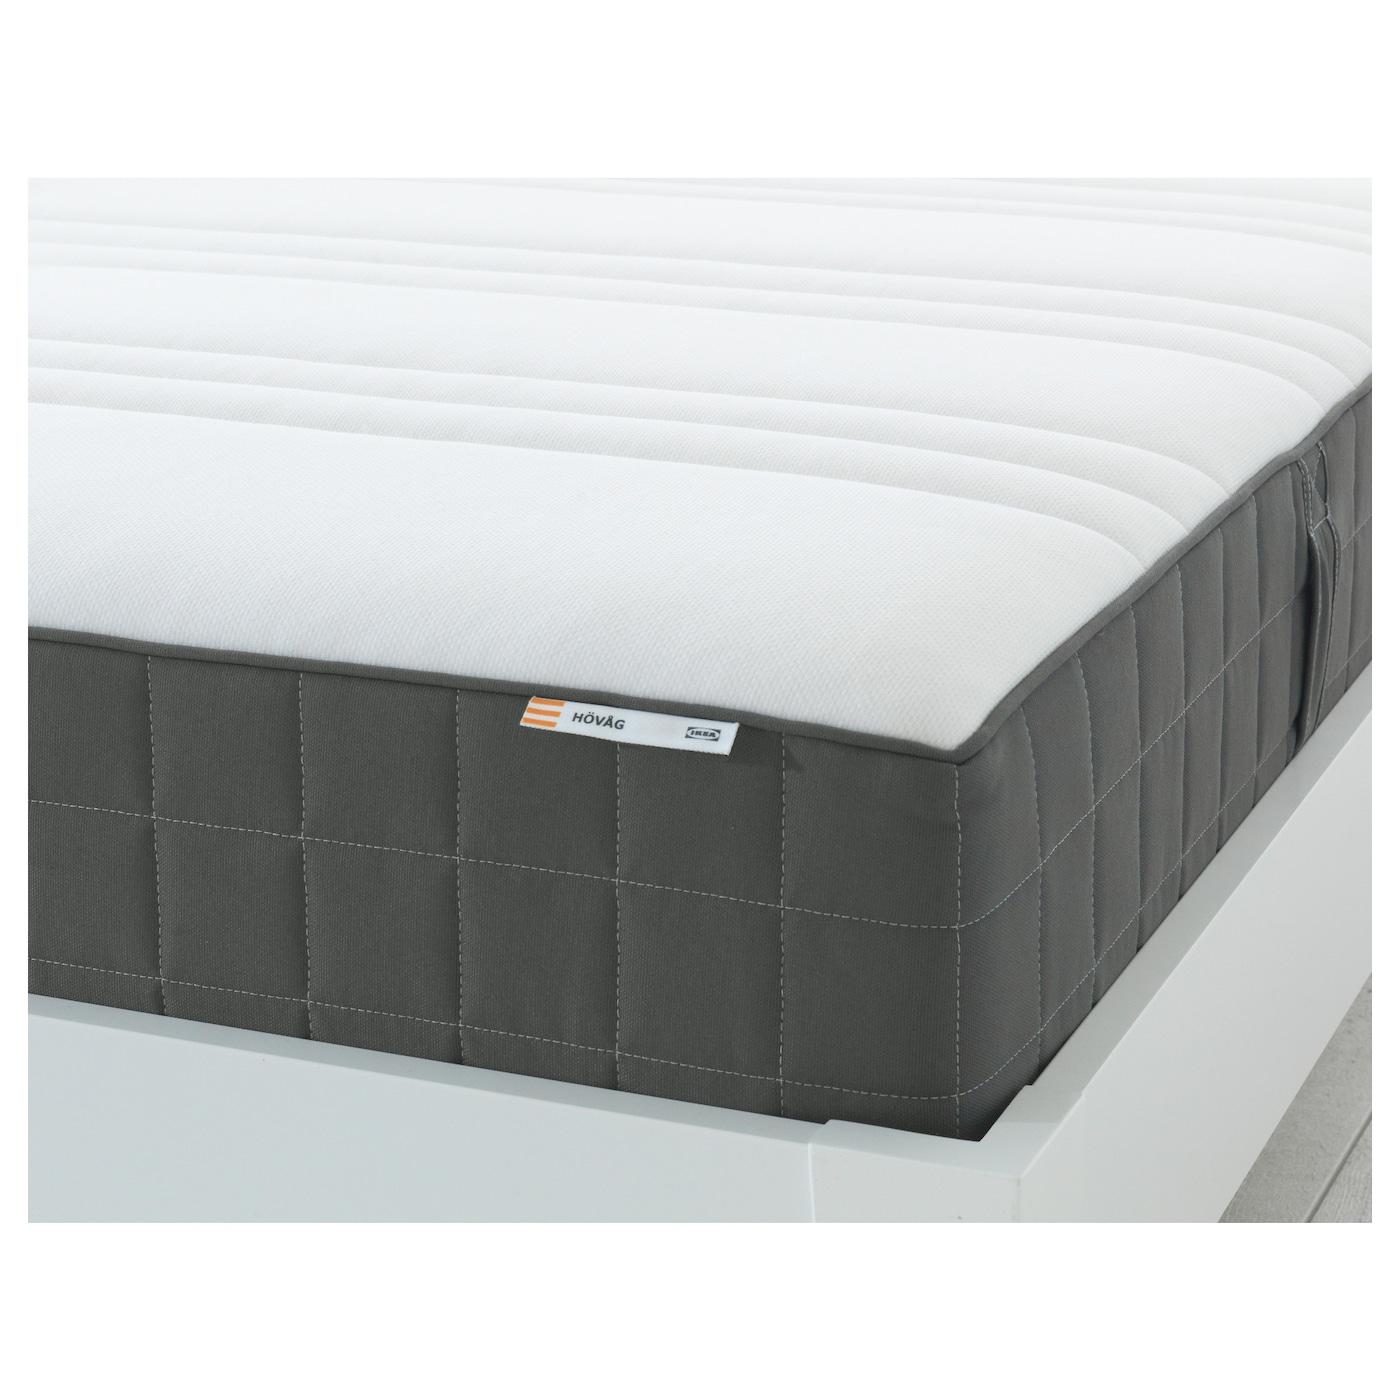 h v g matelas ressorts ensach s ferme gris fonc 90 x. Black Bedroom Furniture Sets. Home Design Ideas